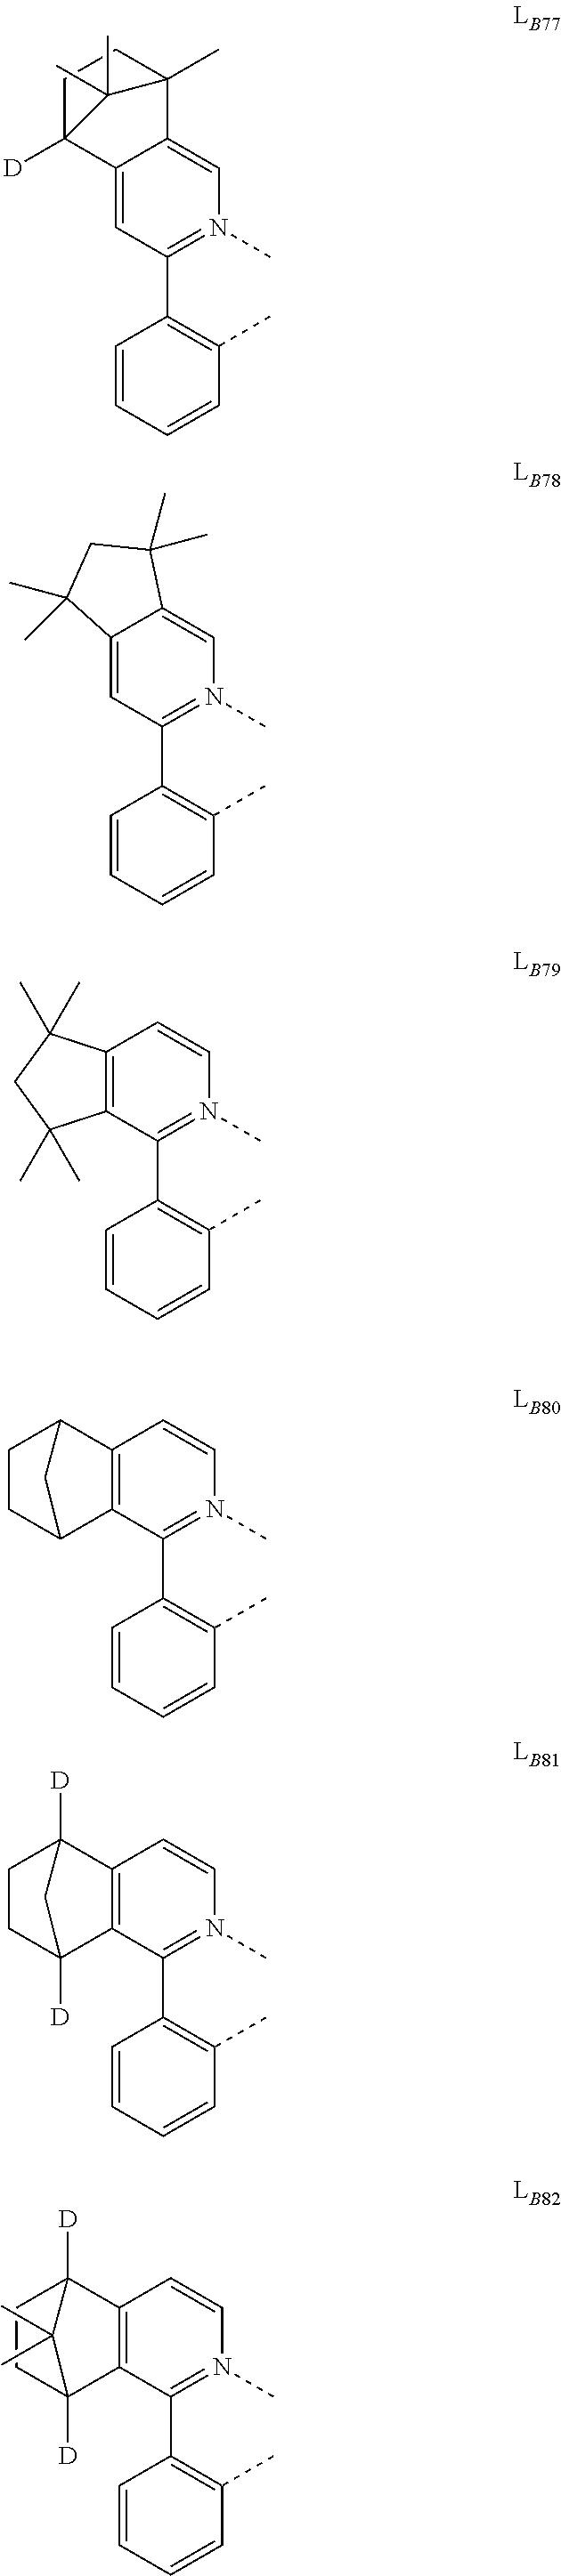 Figure US09929360-20180327-C00231